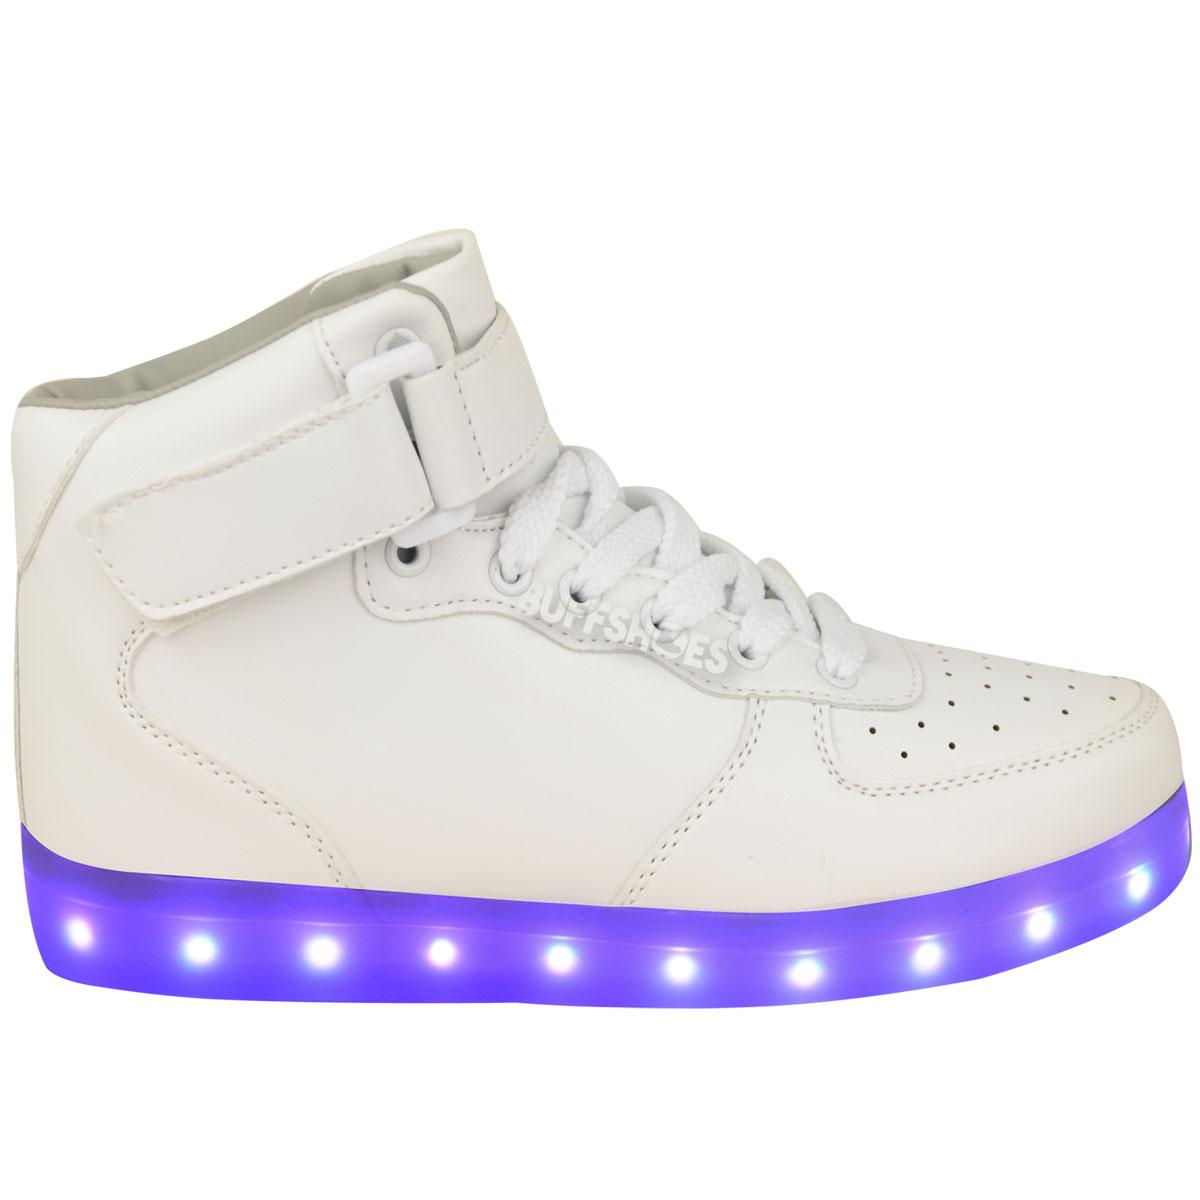 Amazon Athletic Shoes Sale